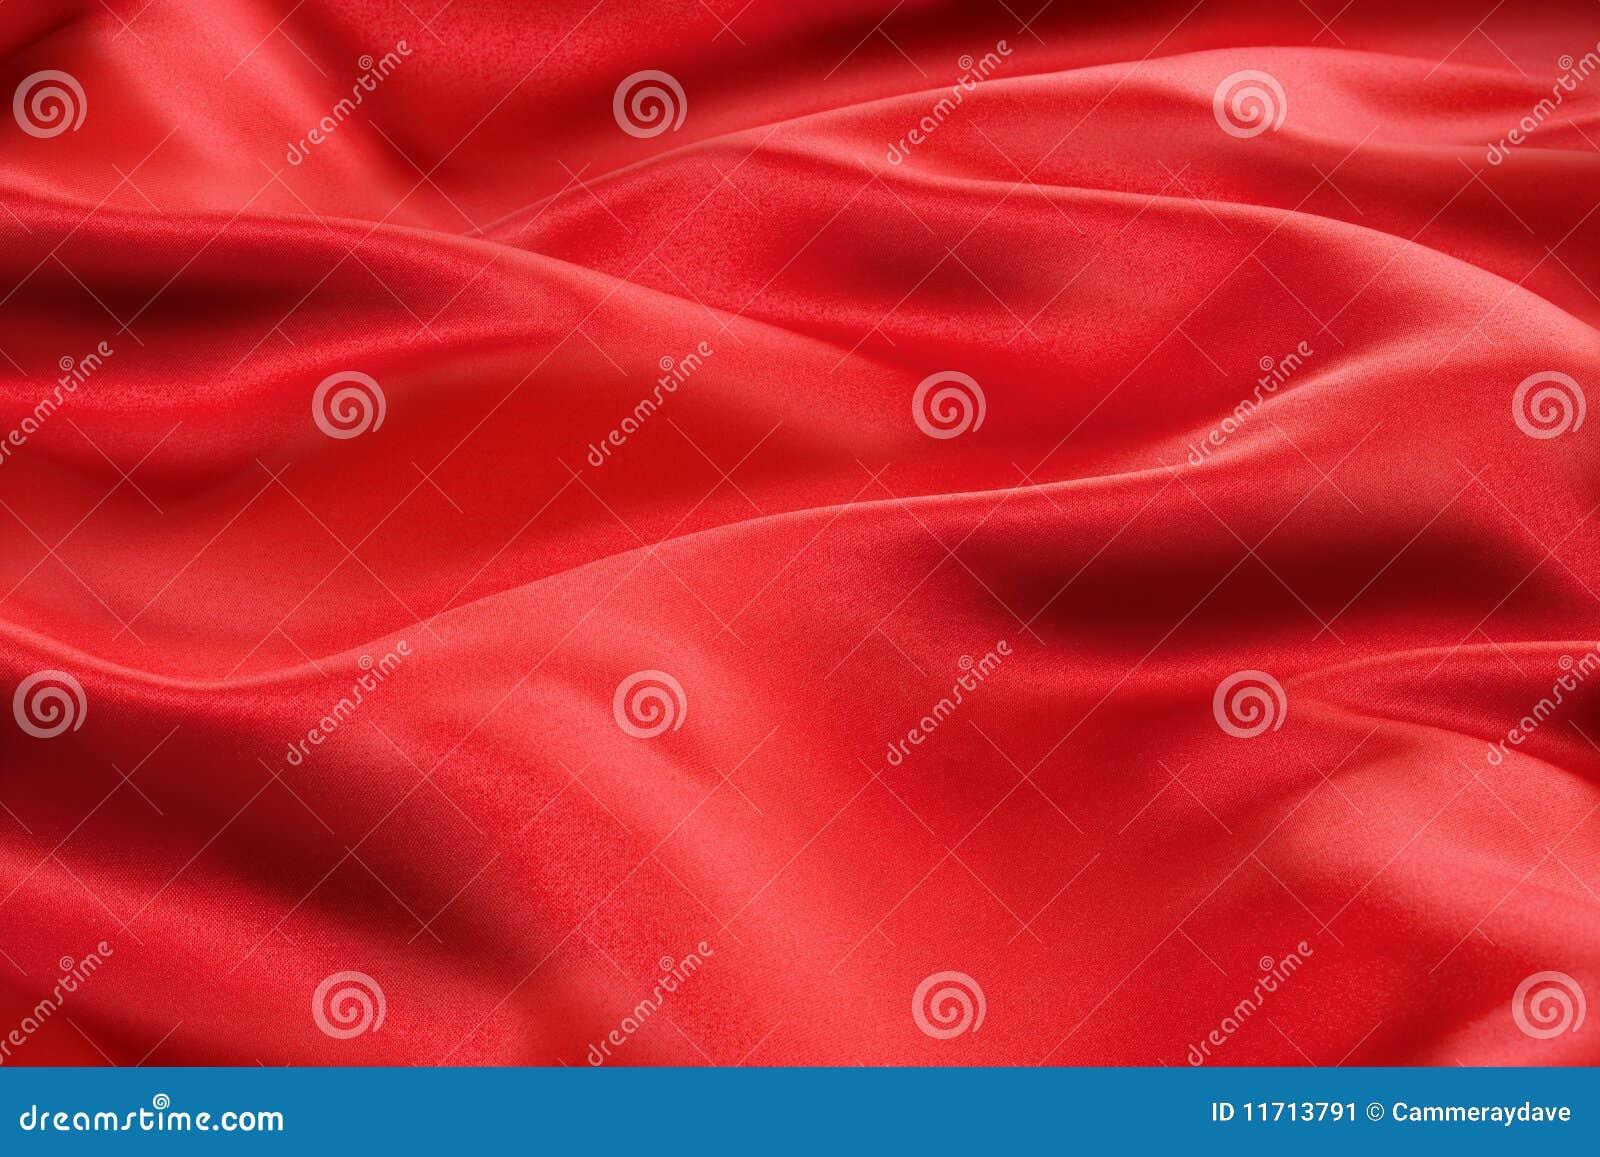 Tela vermelha do cetim